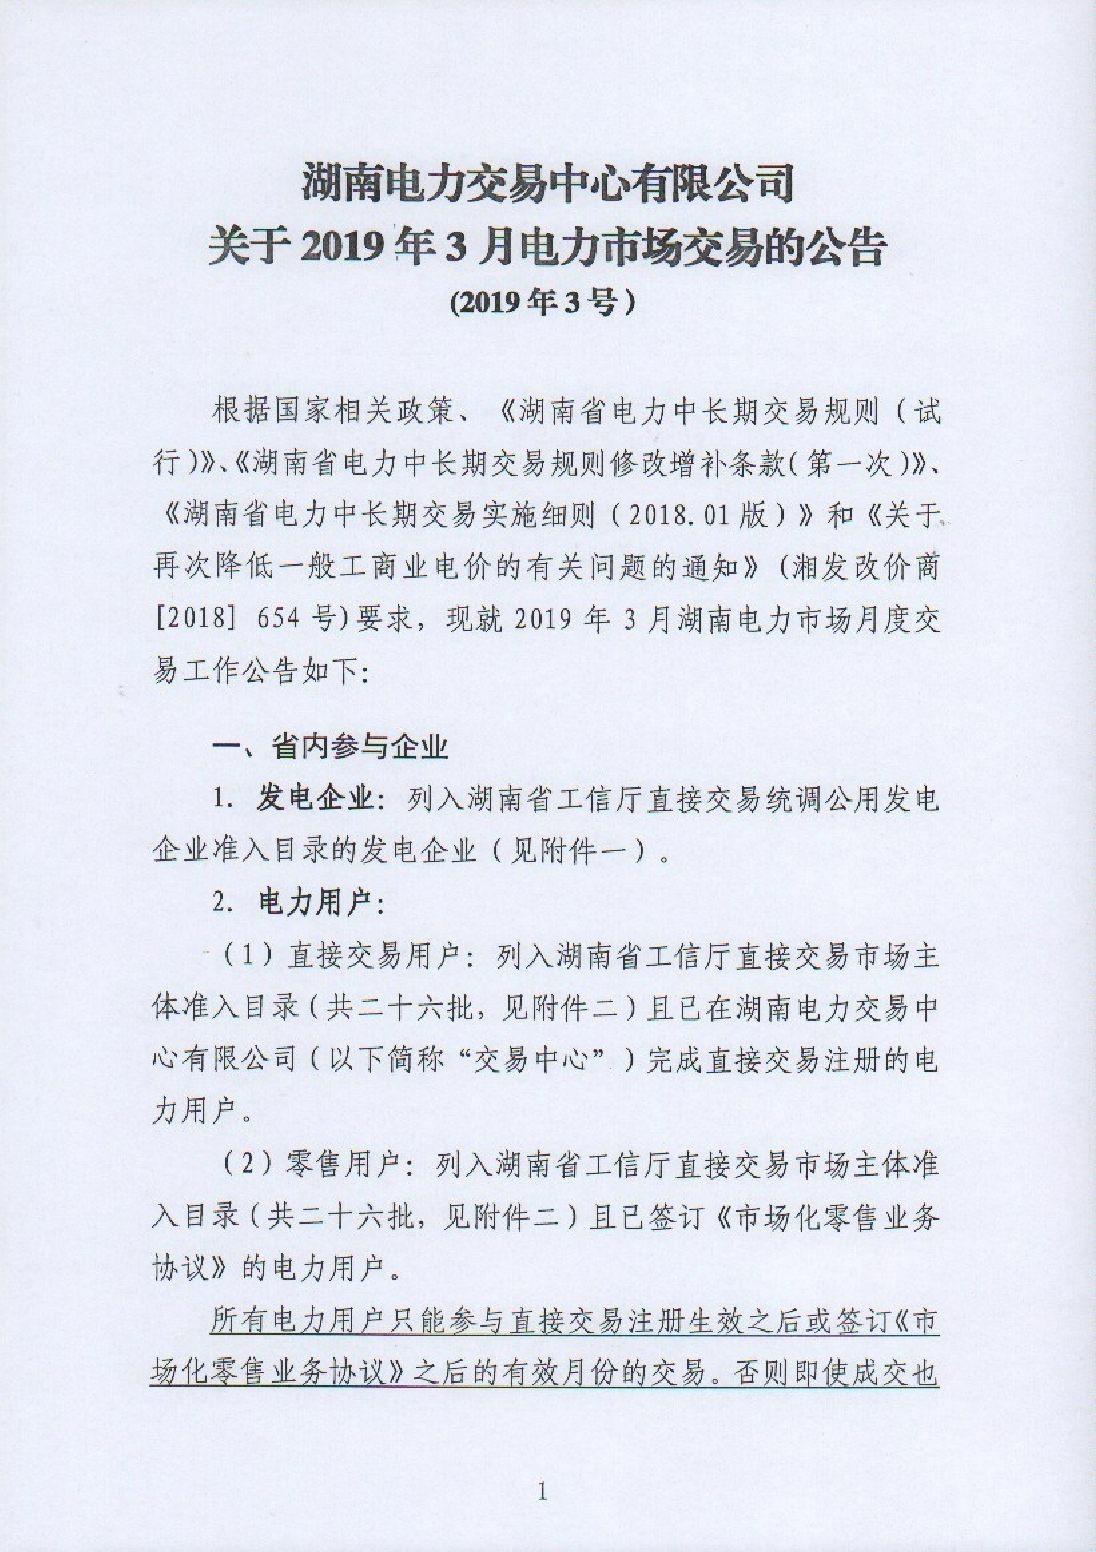 湖南電力交易中心有限公司關于2019年3月電力市場交易的公告.pdf_page_1_compressed.jpg